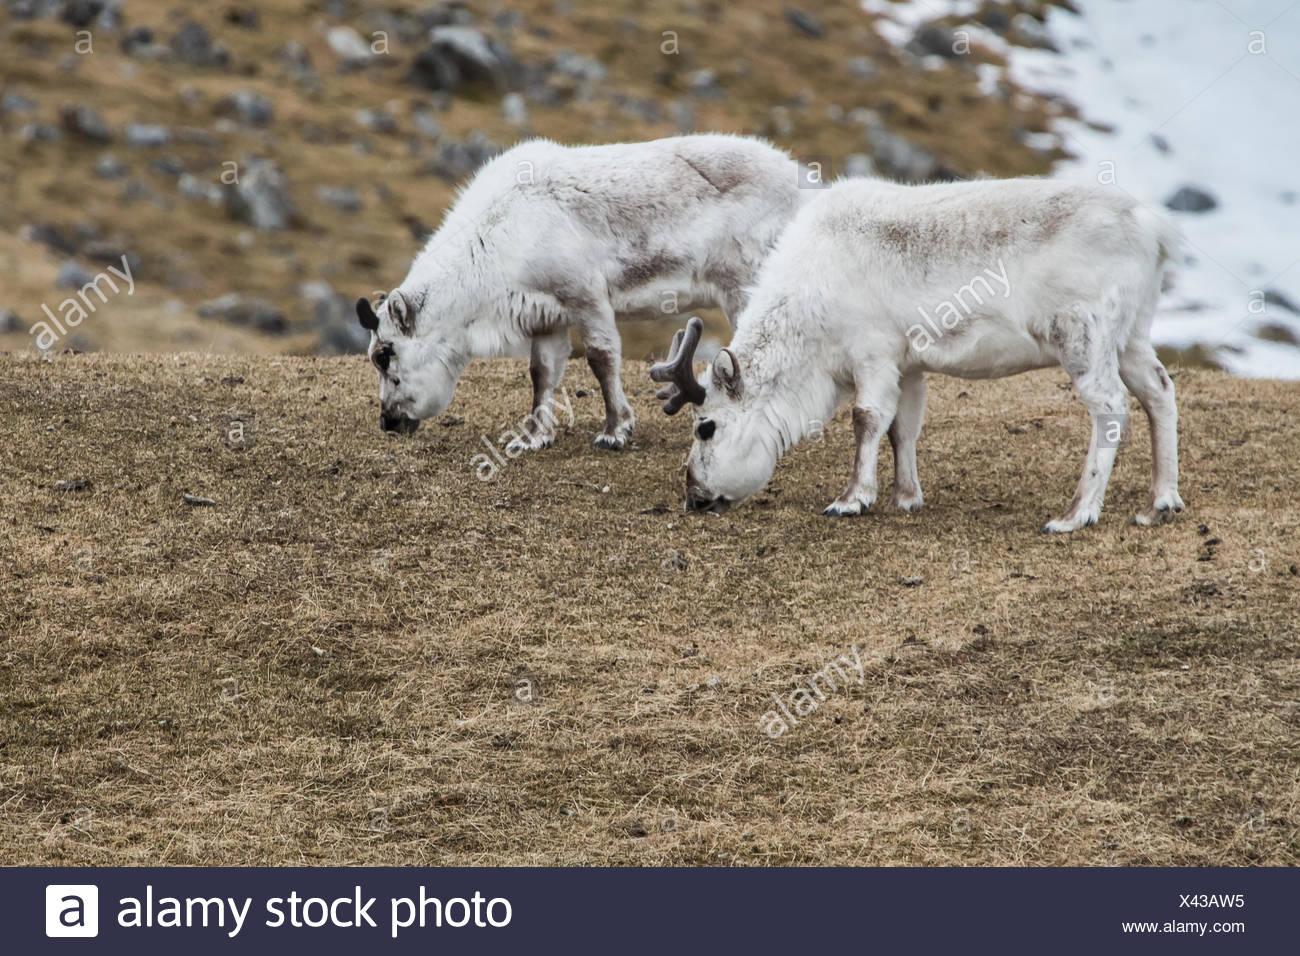 Svalbard reindeer, Rangifer tarandus platyrhynchus, grazing. This is a subspecies of reindeer endemic to the Svalbard islands. - Stock Image